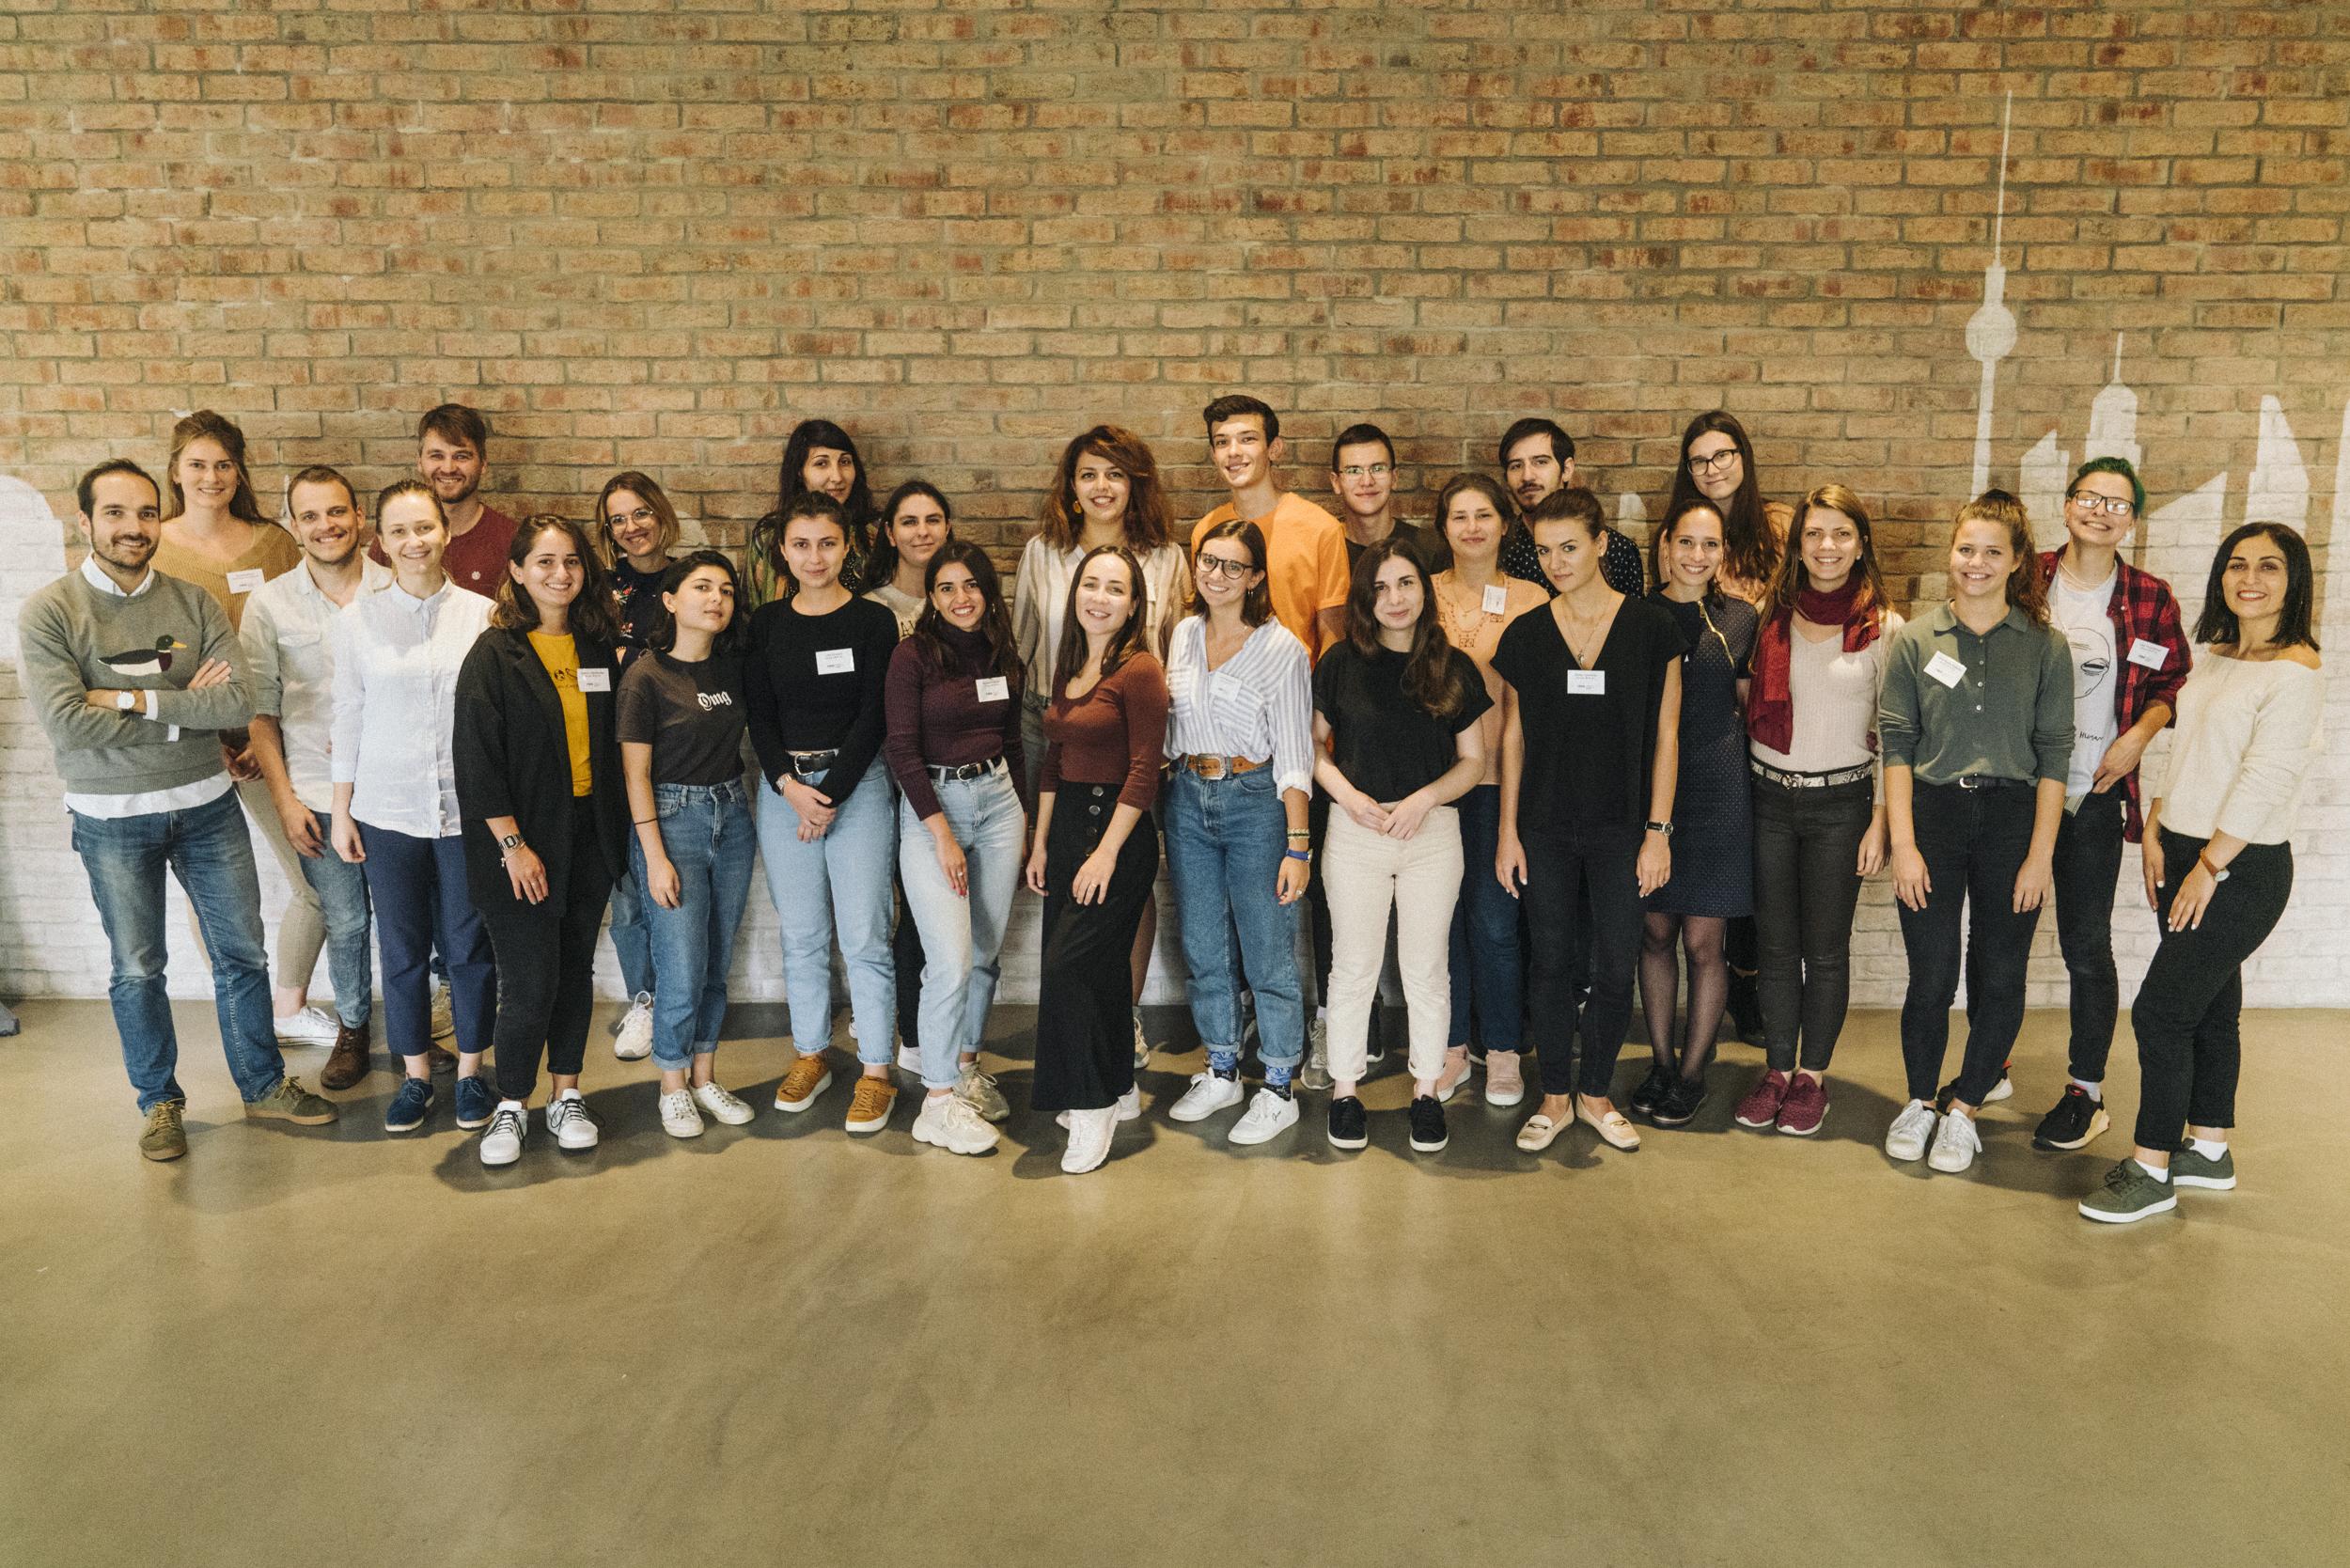 Gruppenfoto der M100 Young European Journalists 2019